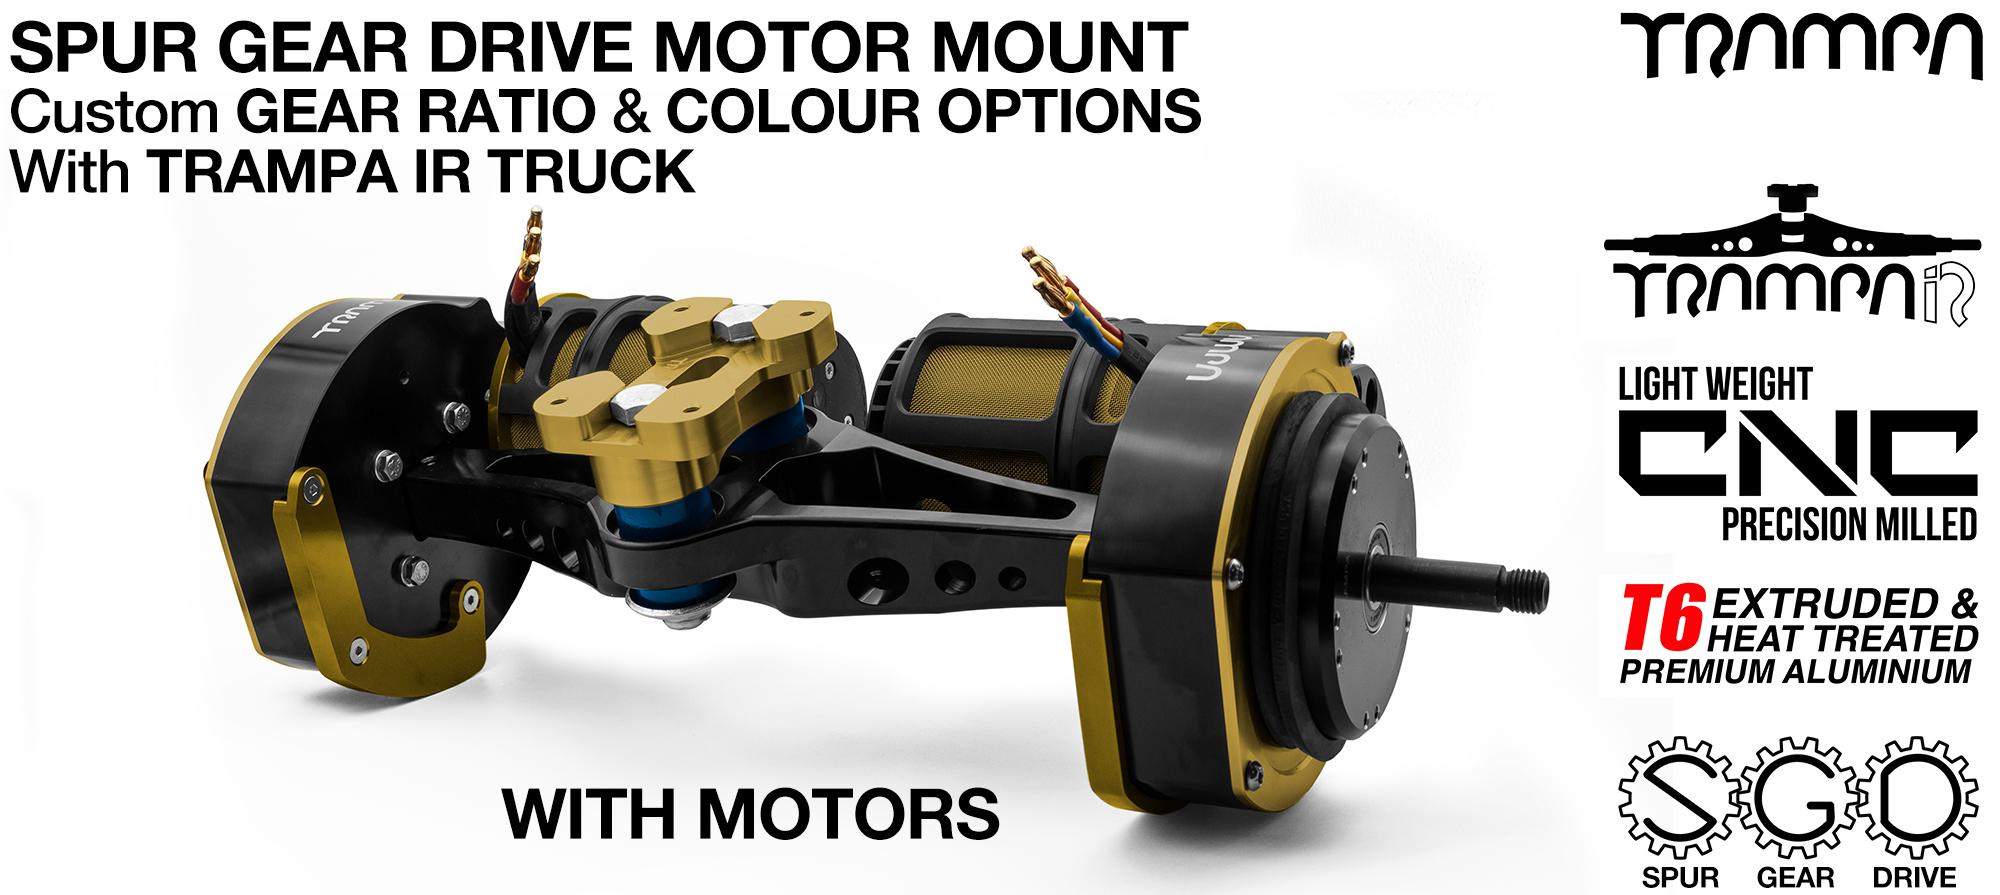 Spur Gear Drive Mountainboard Motor Mount & TRAMPA IR Trucks